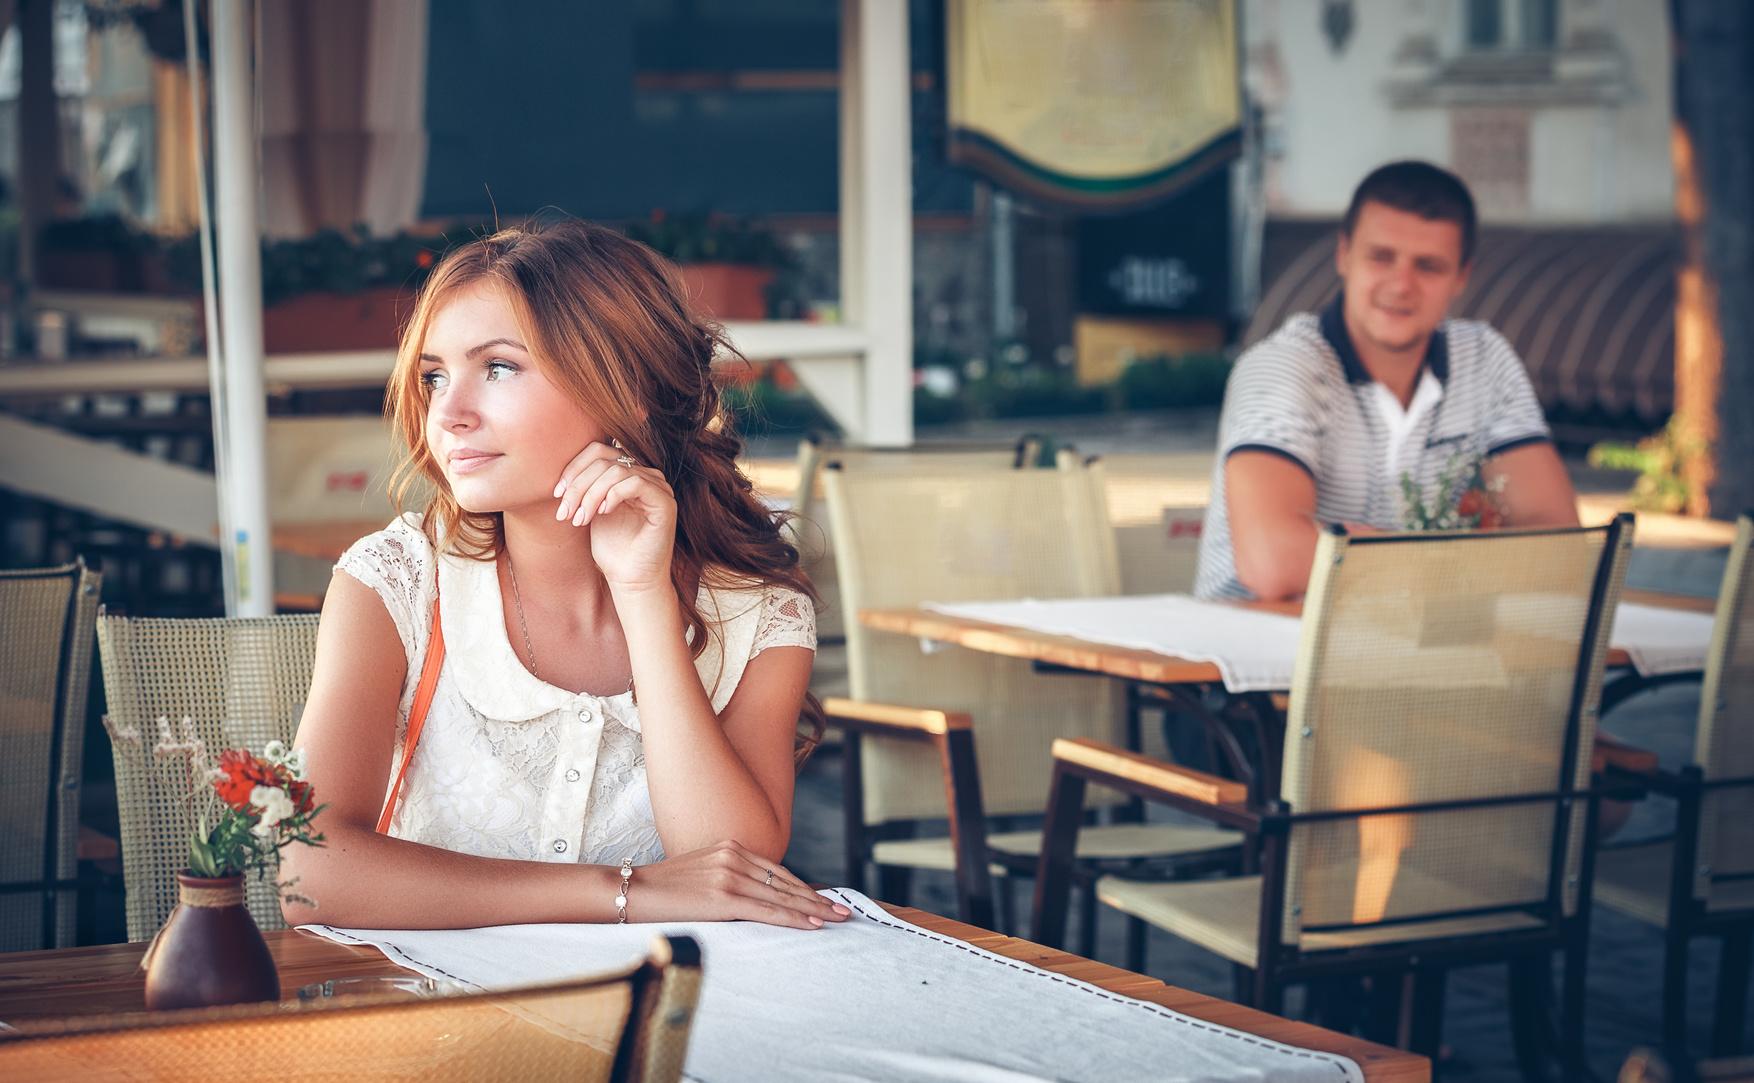 Фразы знакомства в ресторане chezare borgia знакомства